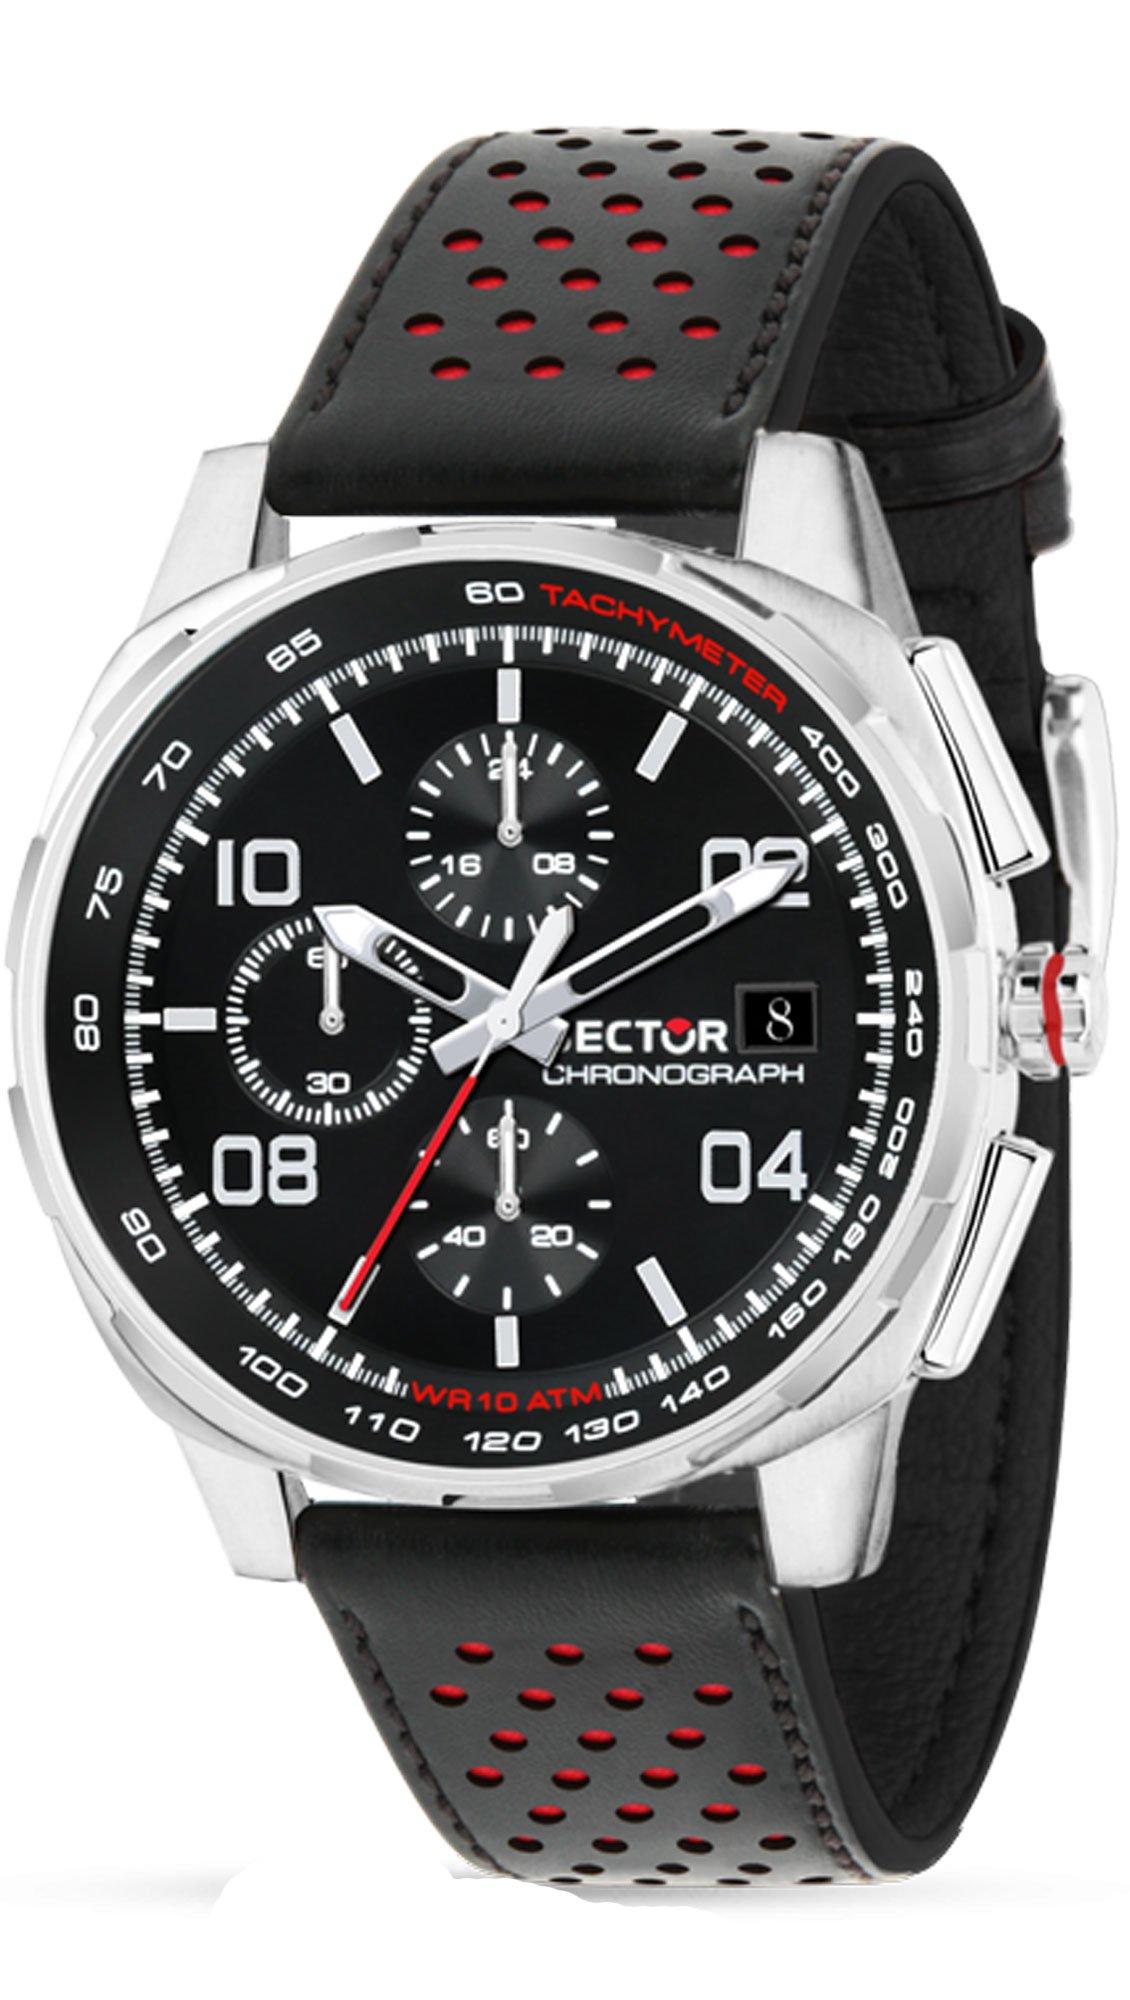 Ρολόι Sector 890 Collection χρονογράφος με μαύρο λουράκι R3271803001 ... b46751a7cf5